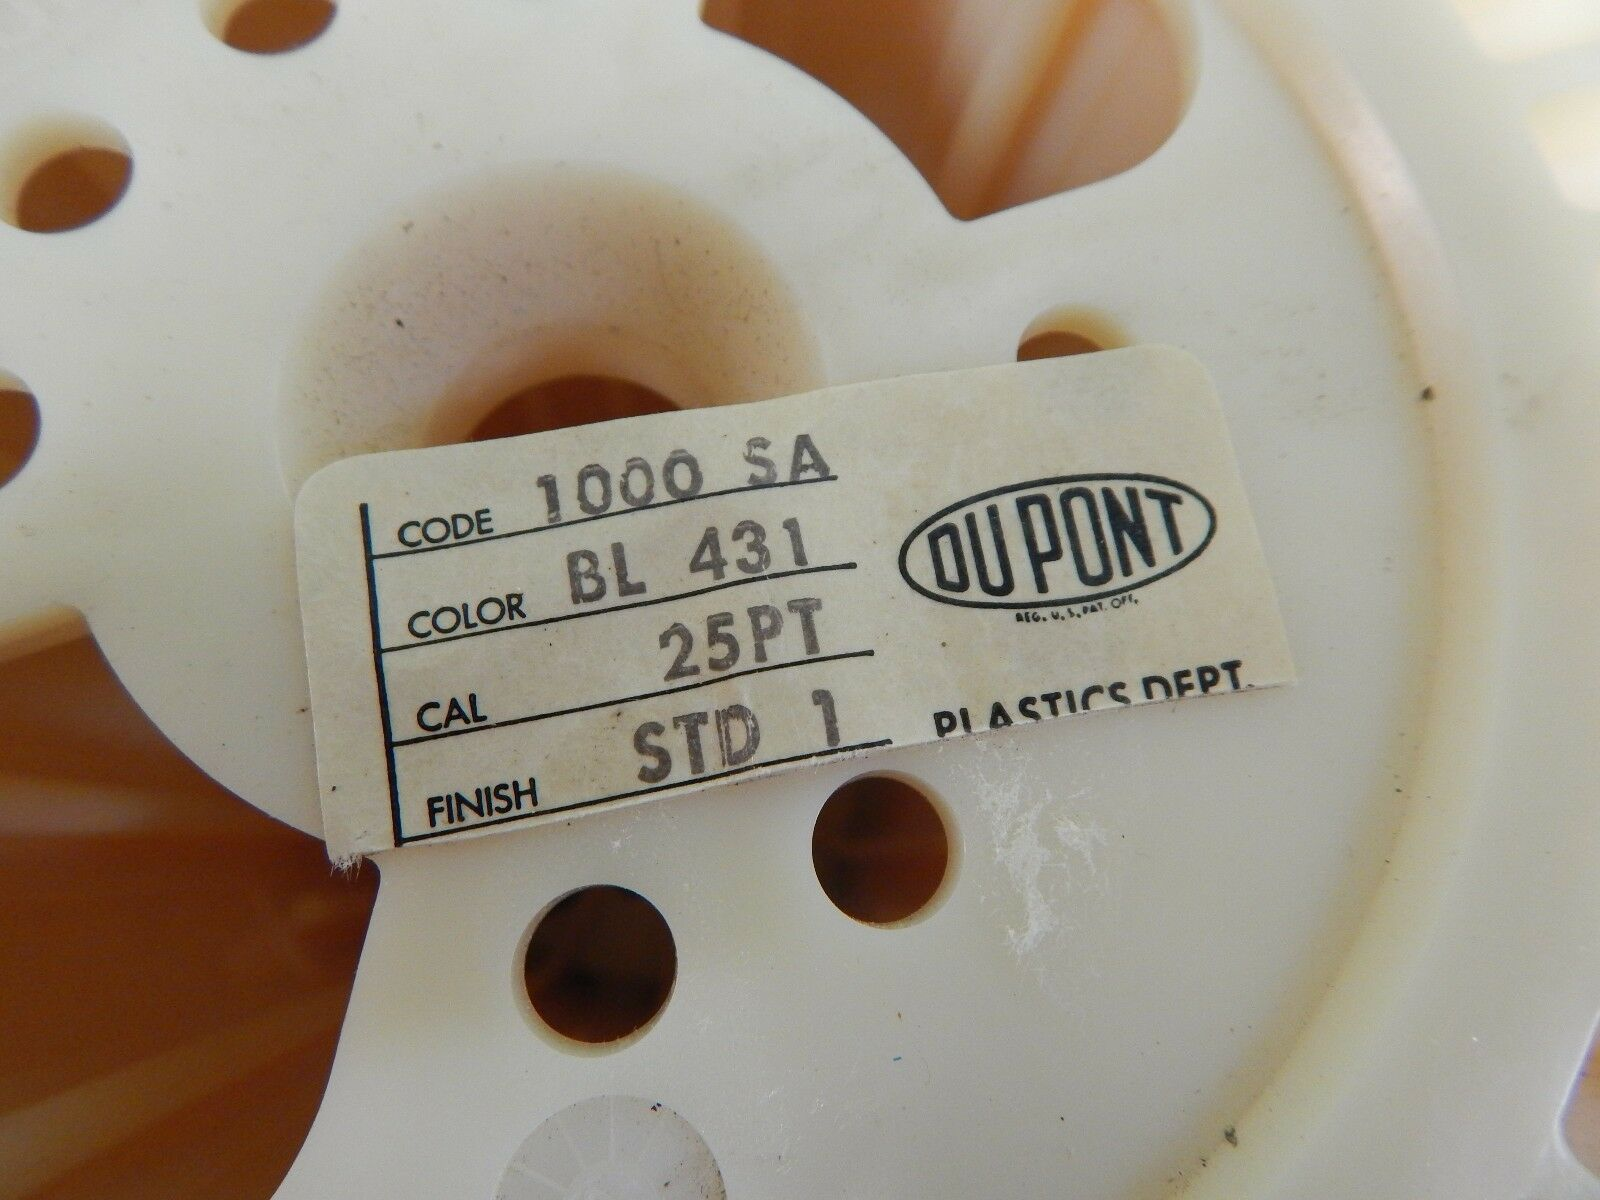 12.7LB Spool New Stren Monofilament  25 LB LB LB Test Clear Fishing Line (19,000 Yard) a88af3